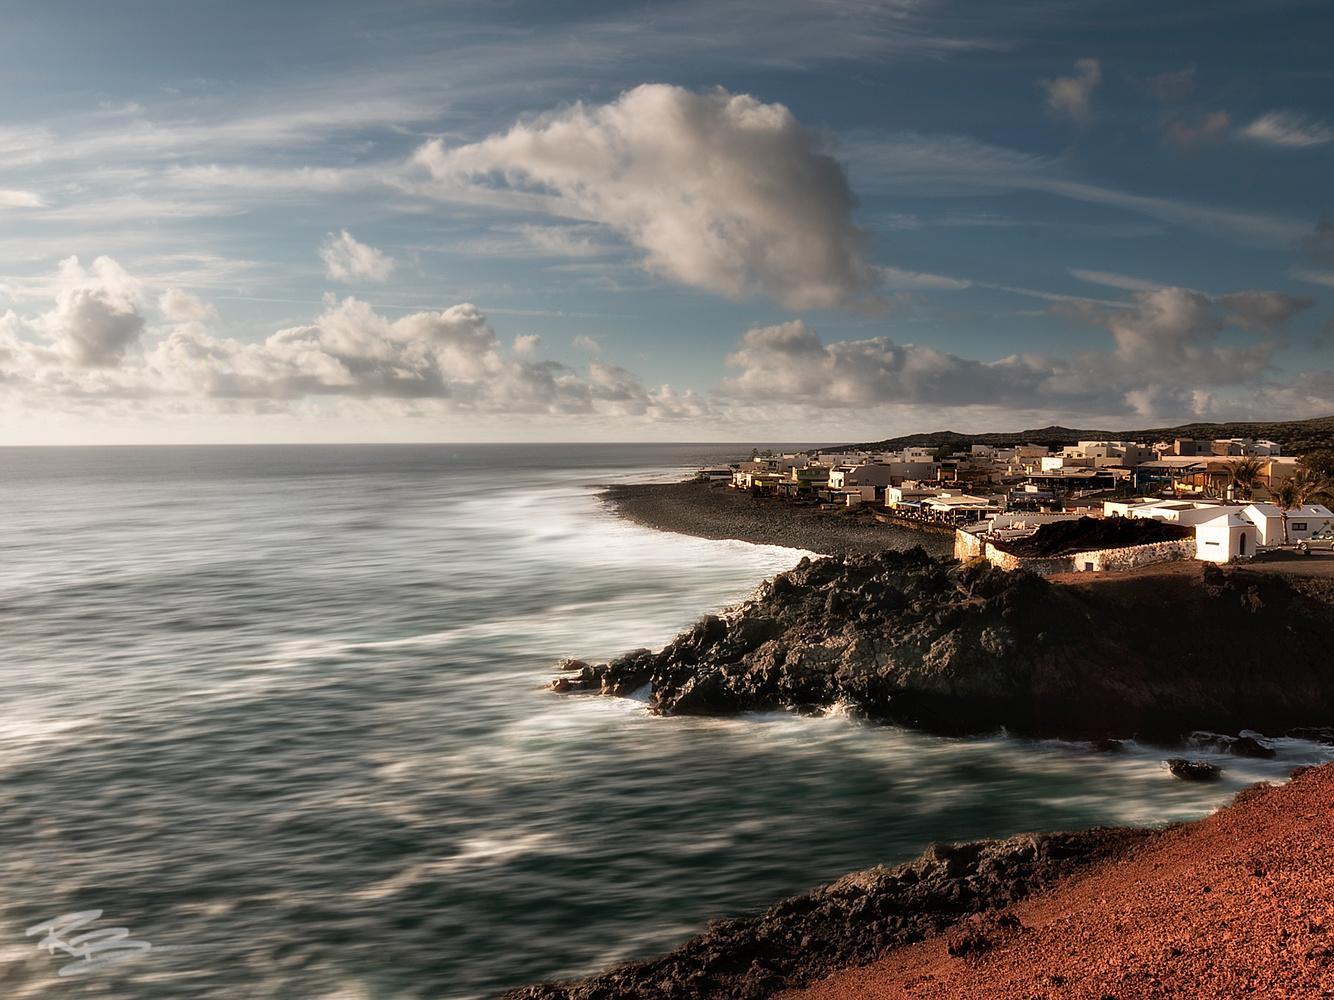 El Golfo by Roberto Benis